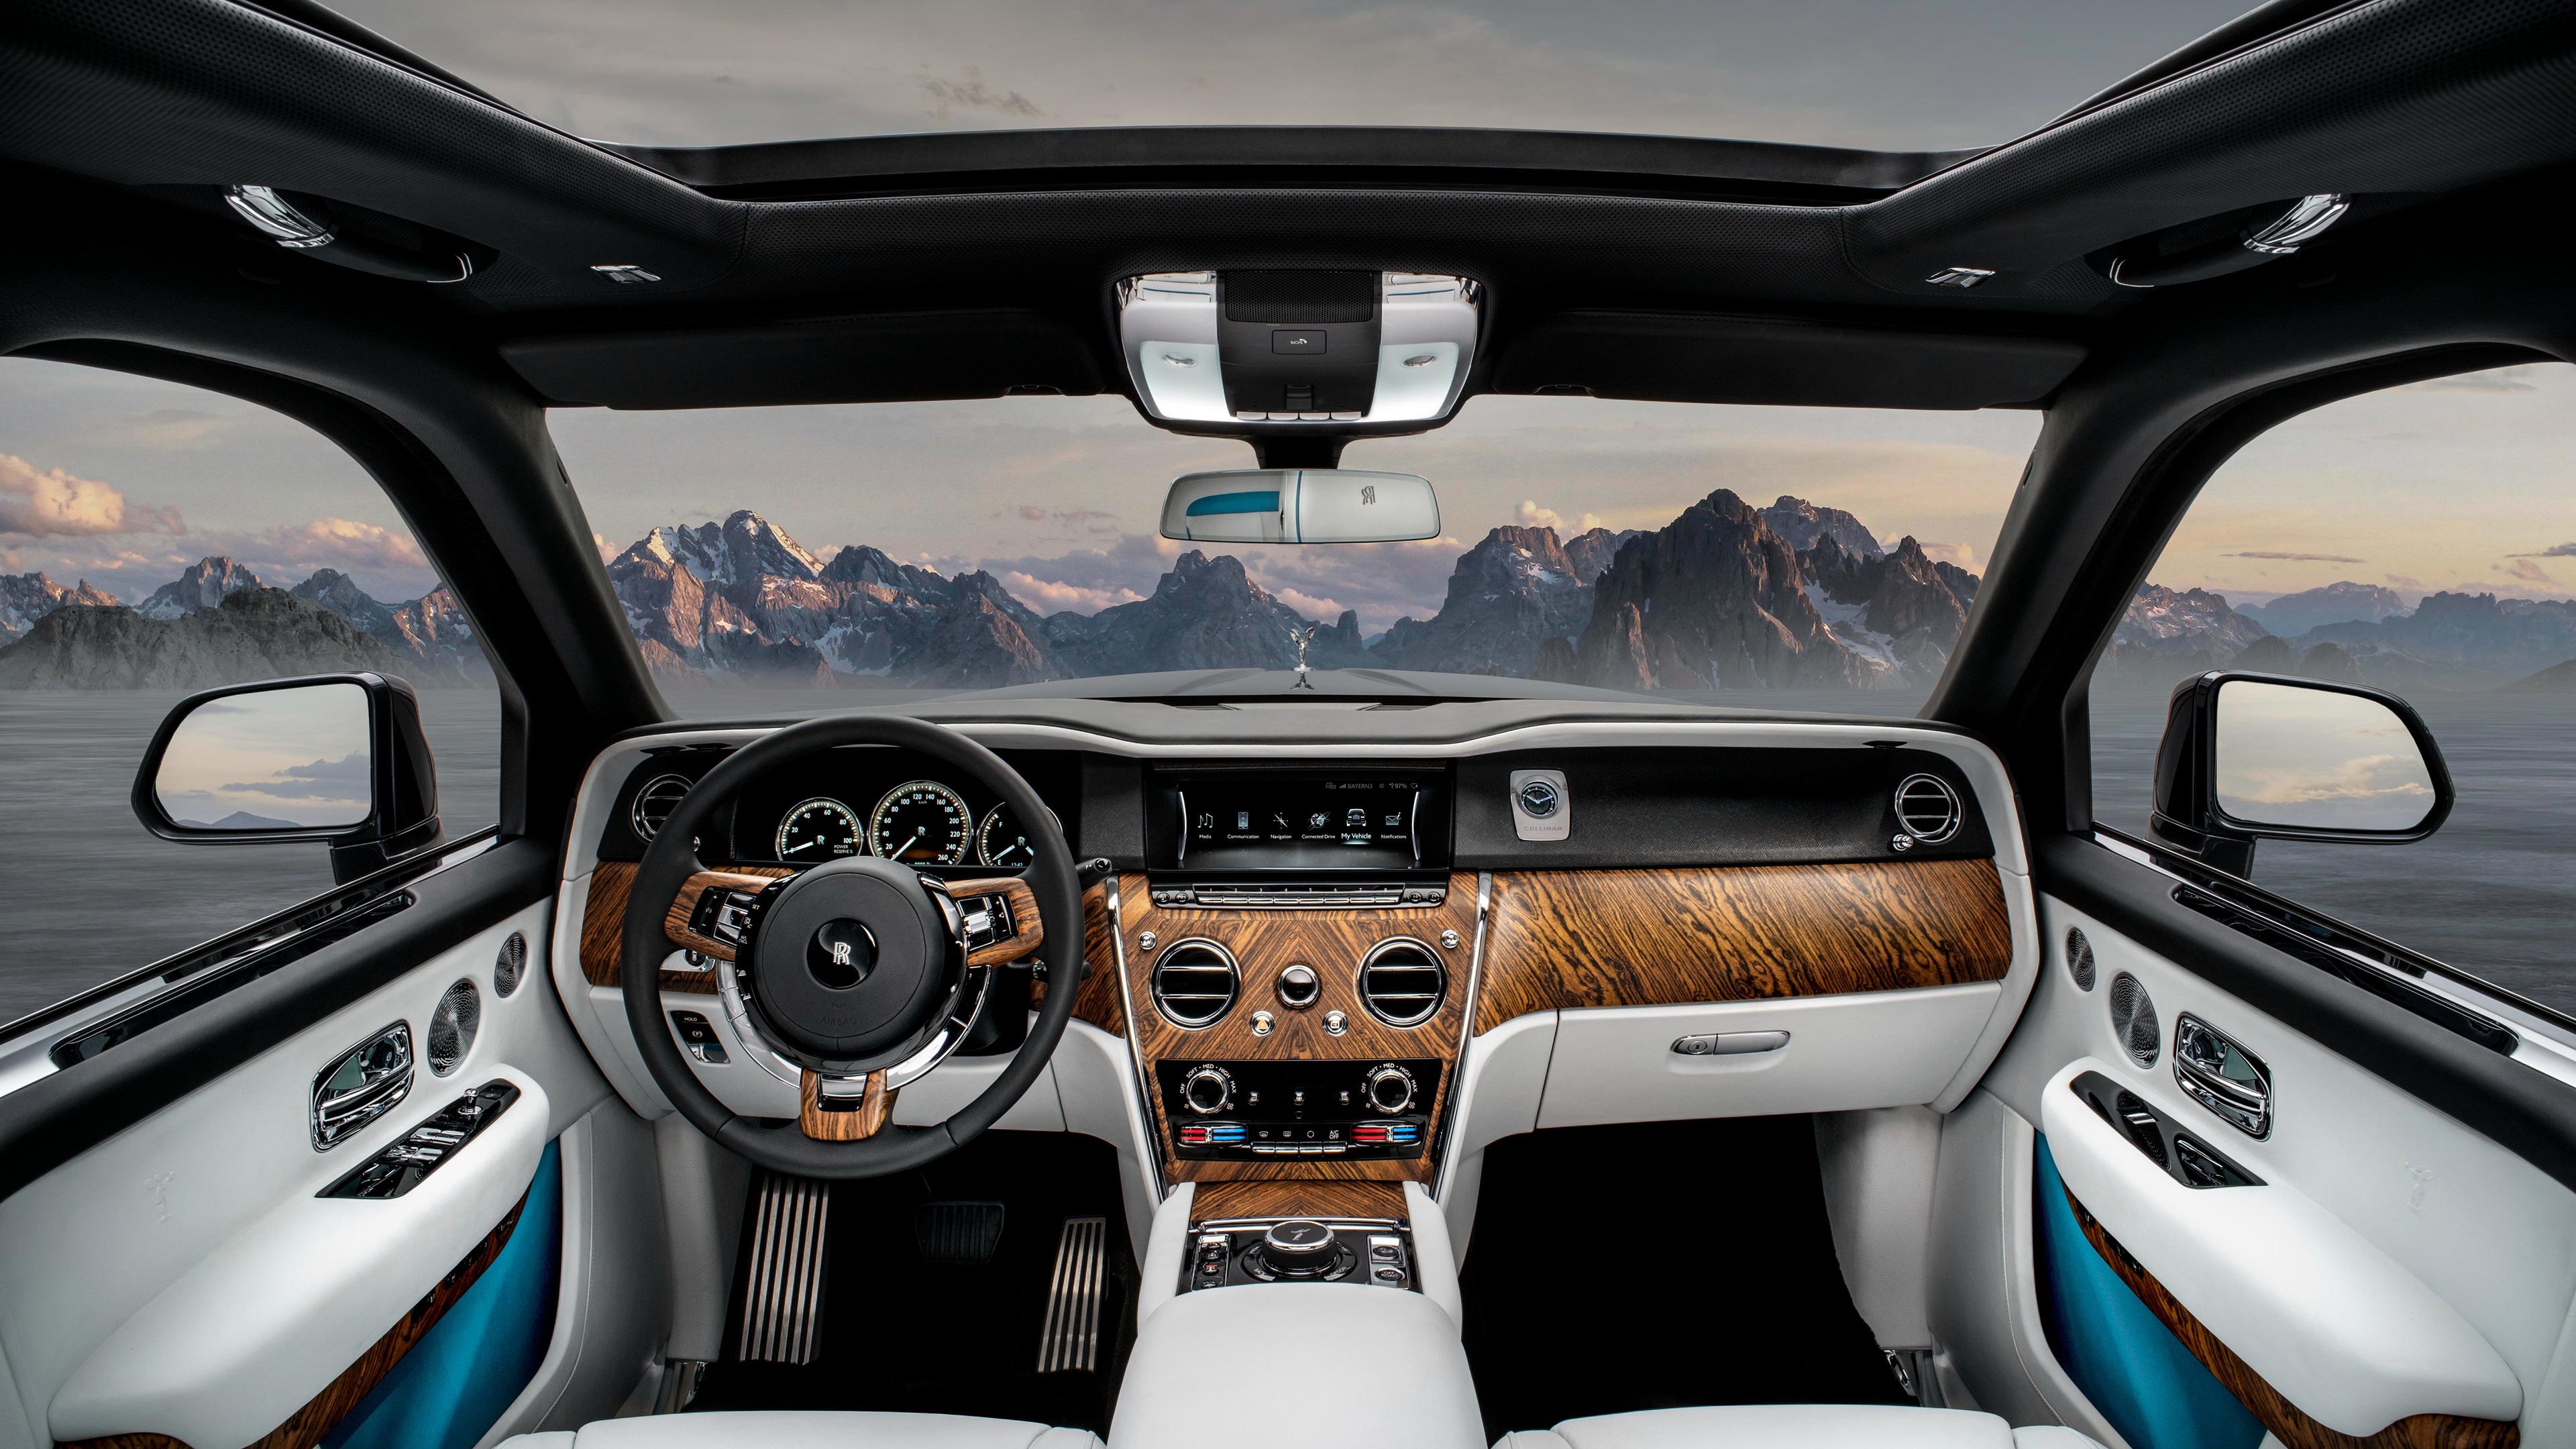 Wallpaper 4k Rolls Royce Cullinan Interior 2019 Cars Wallpapers 4k